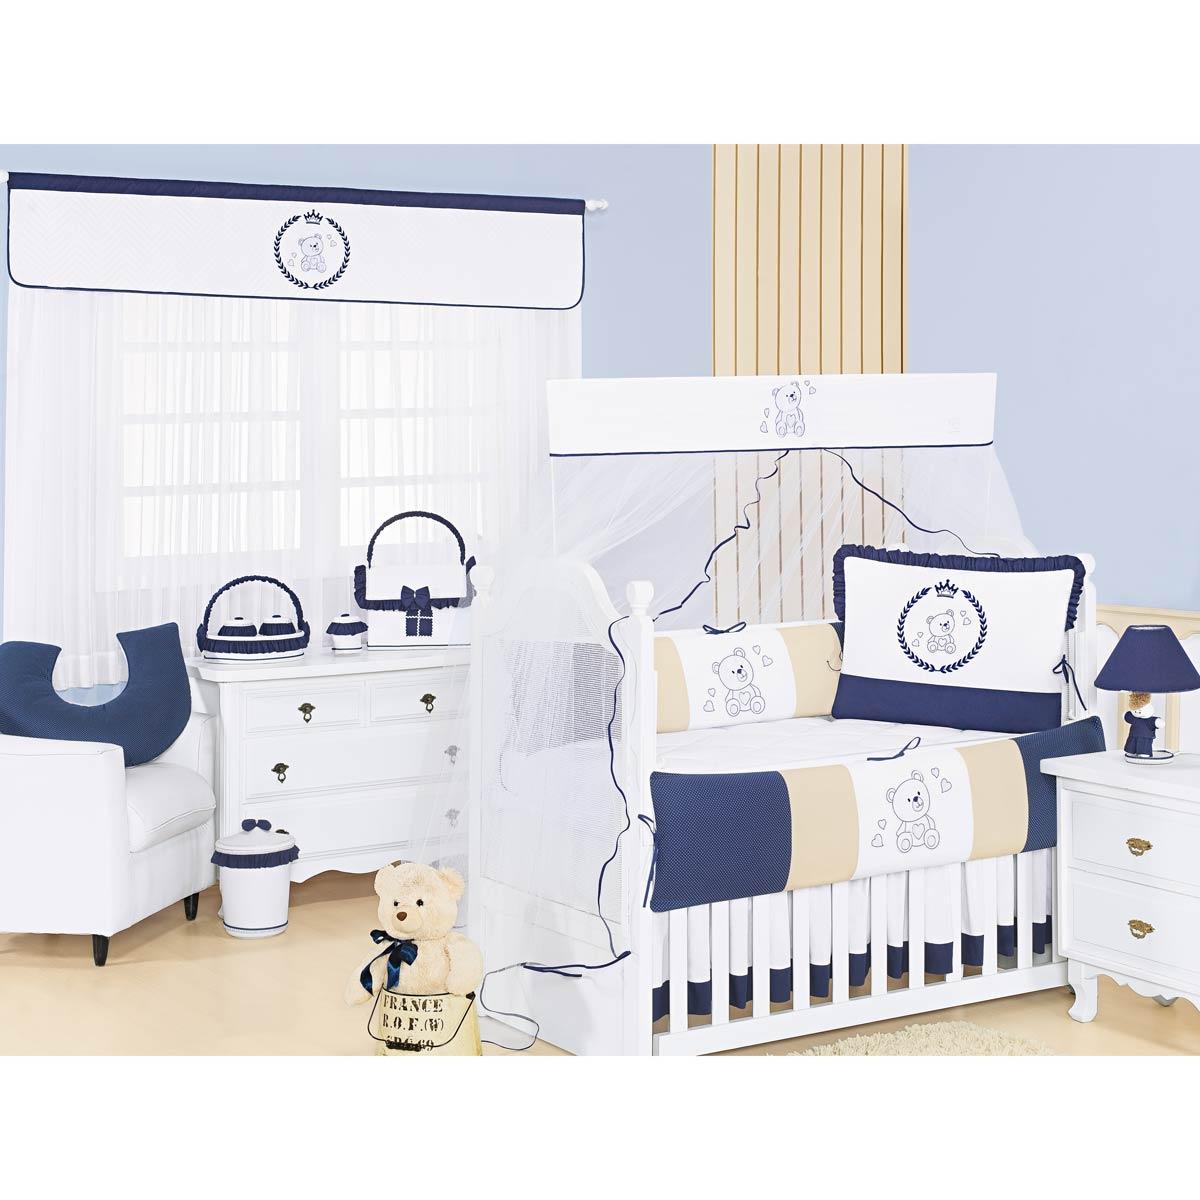 Apoio para Amamentar Bebê - Coleção Imperialle Marinho